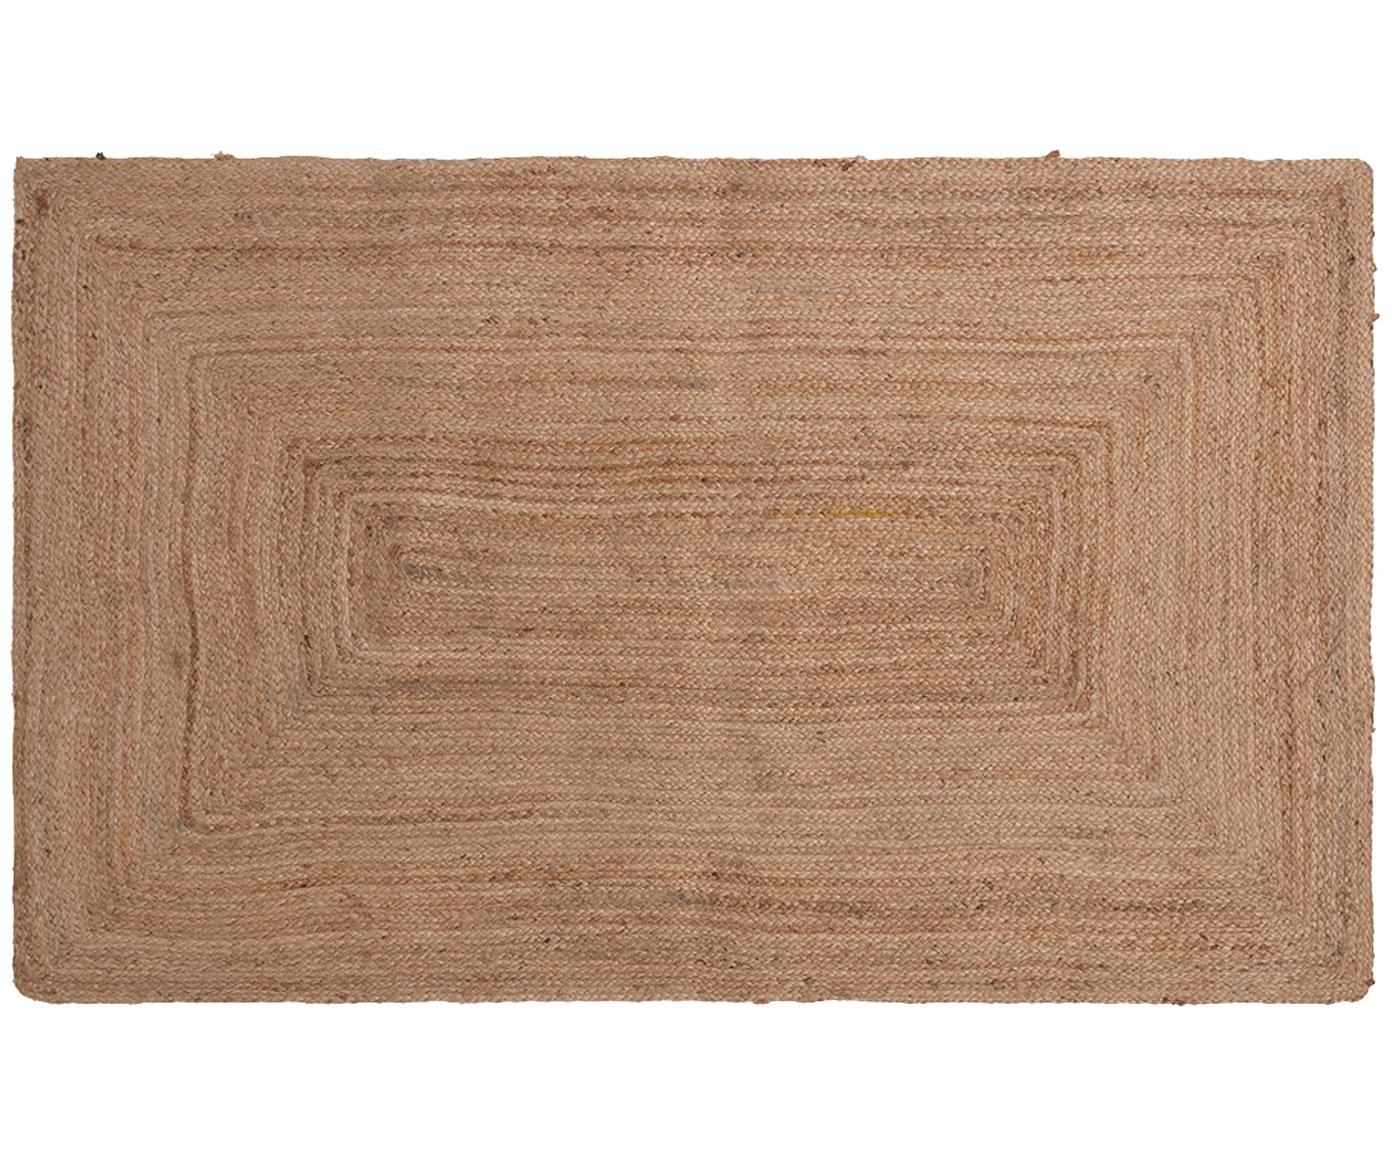 Juteteppich Ural, 100% Jute, Beige, B 150 x L 200 cm (Größe S)